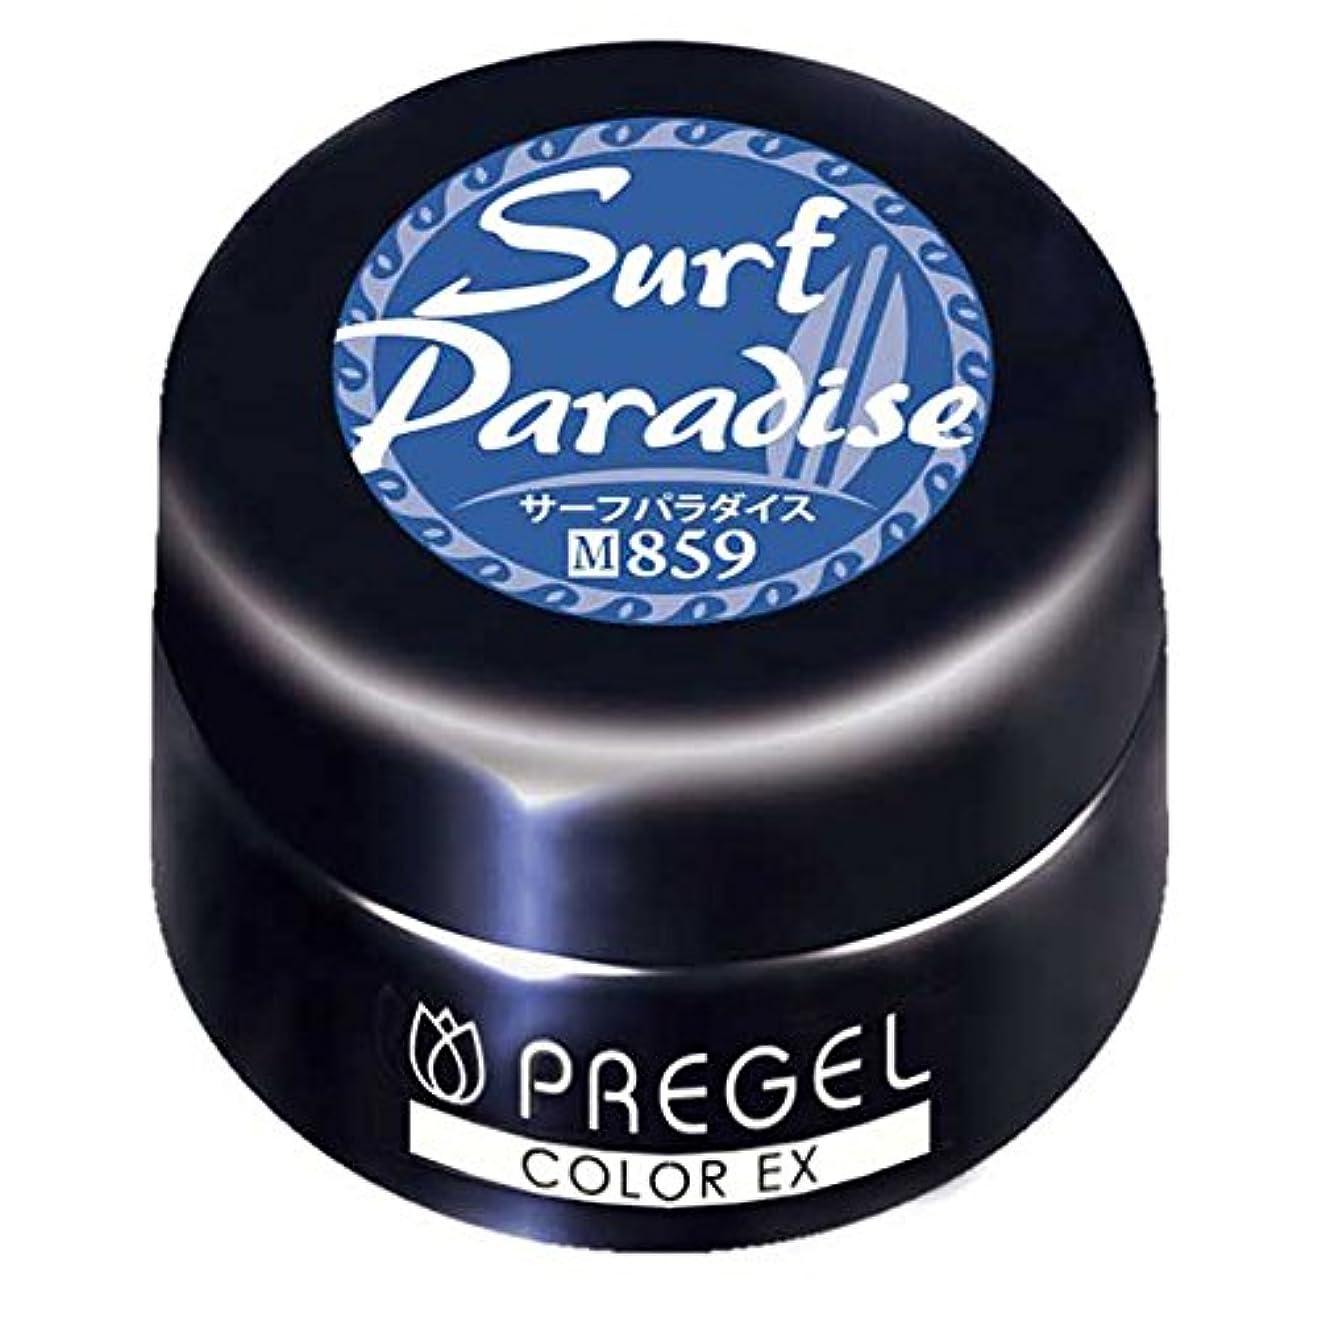 診断する定義安いですPRE GEL カラーEX サーフパラダイス 859 3g UV/LED対応